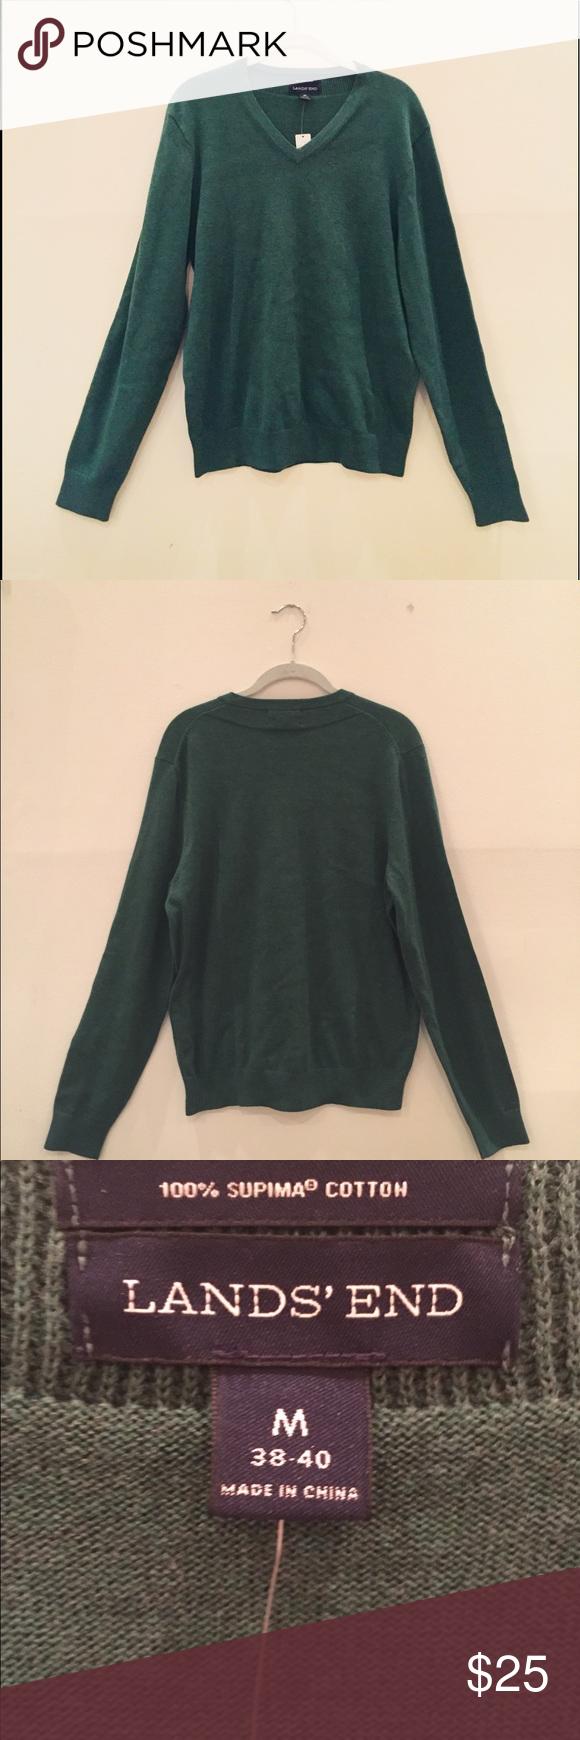 Lands End Men S Sweater Clothes Design Fashion Fashion Design [ 1740 x 580 Pixel ]